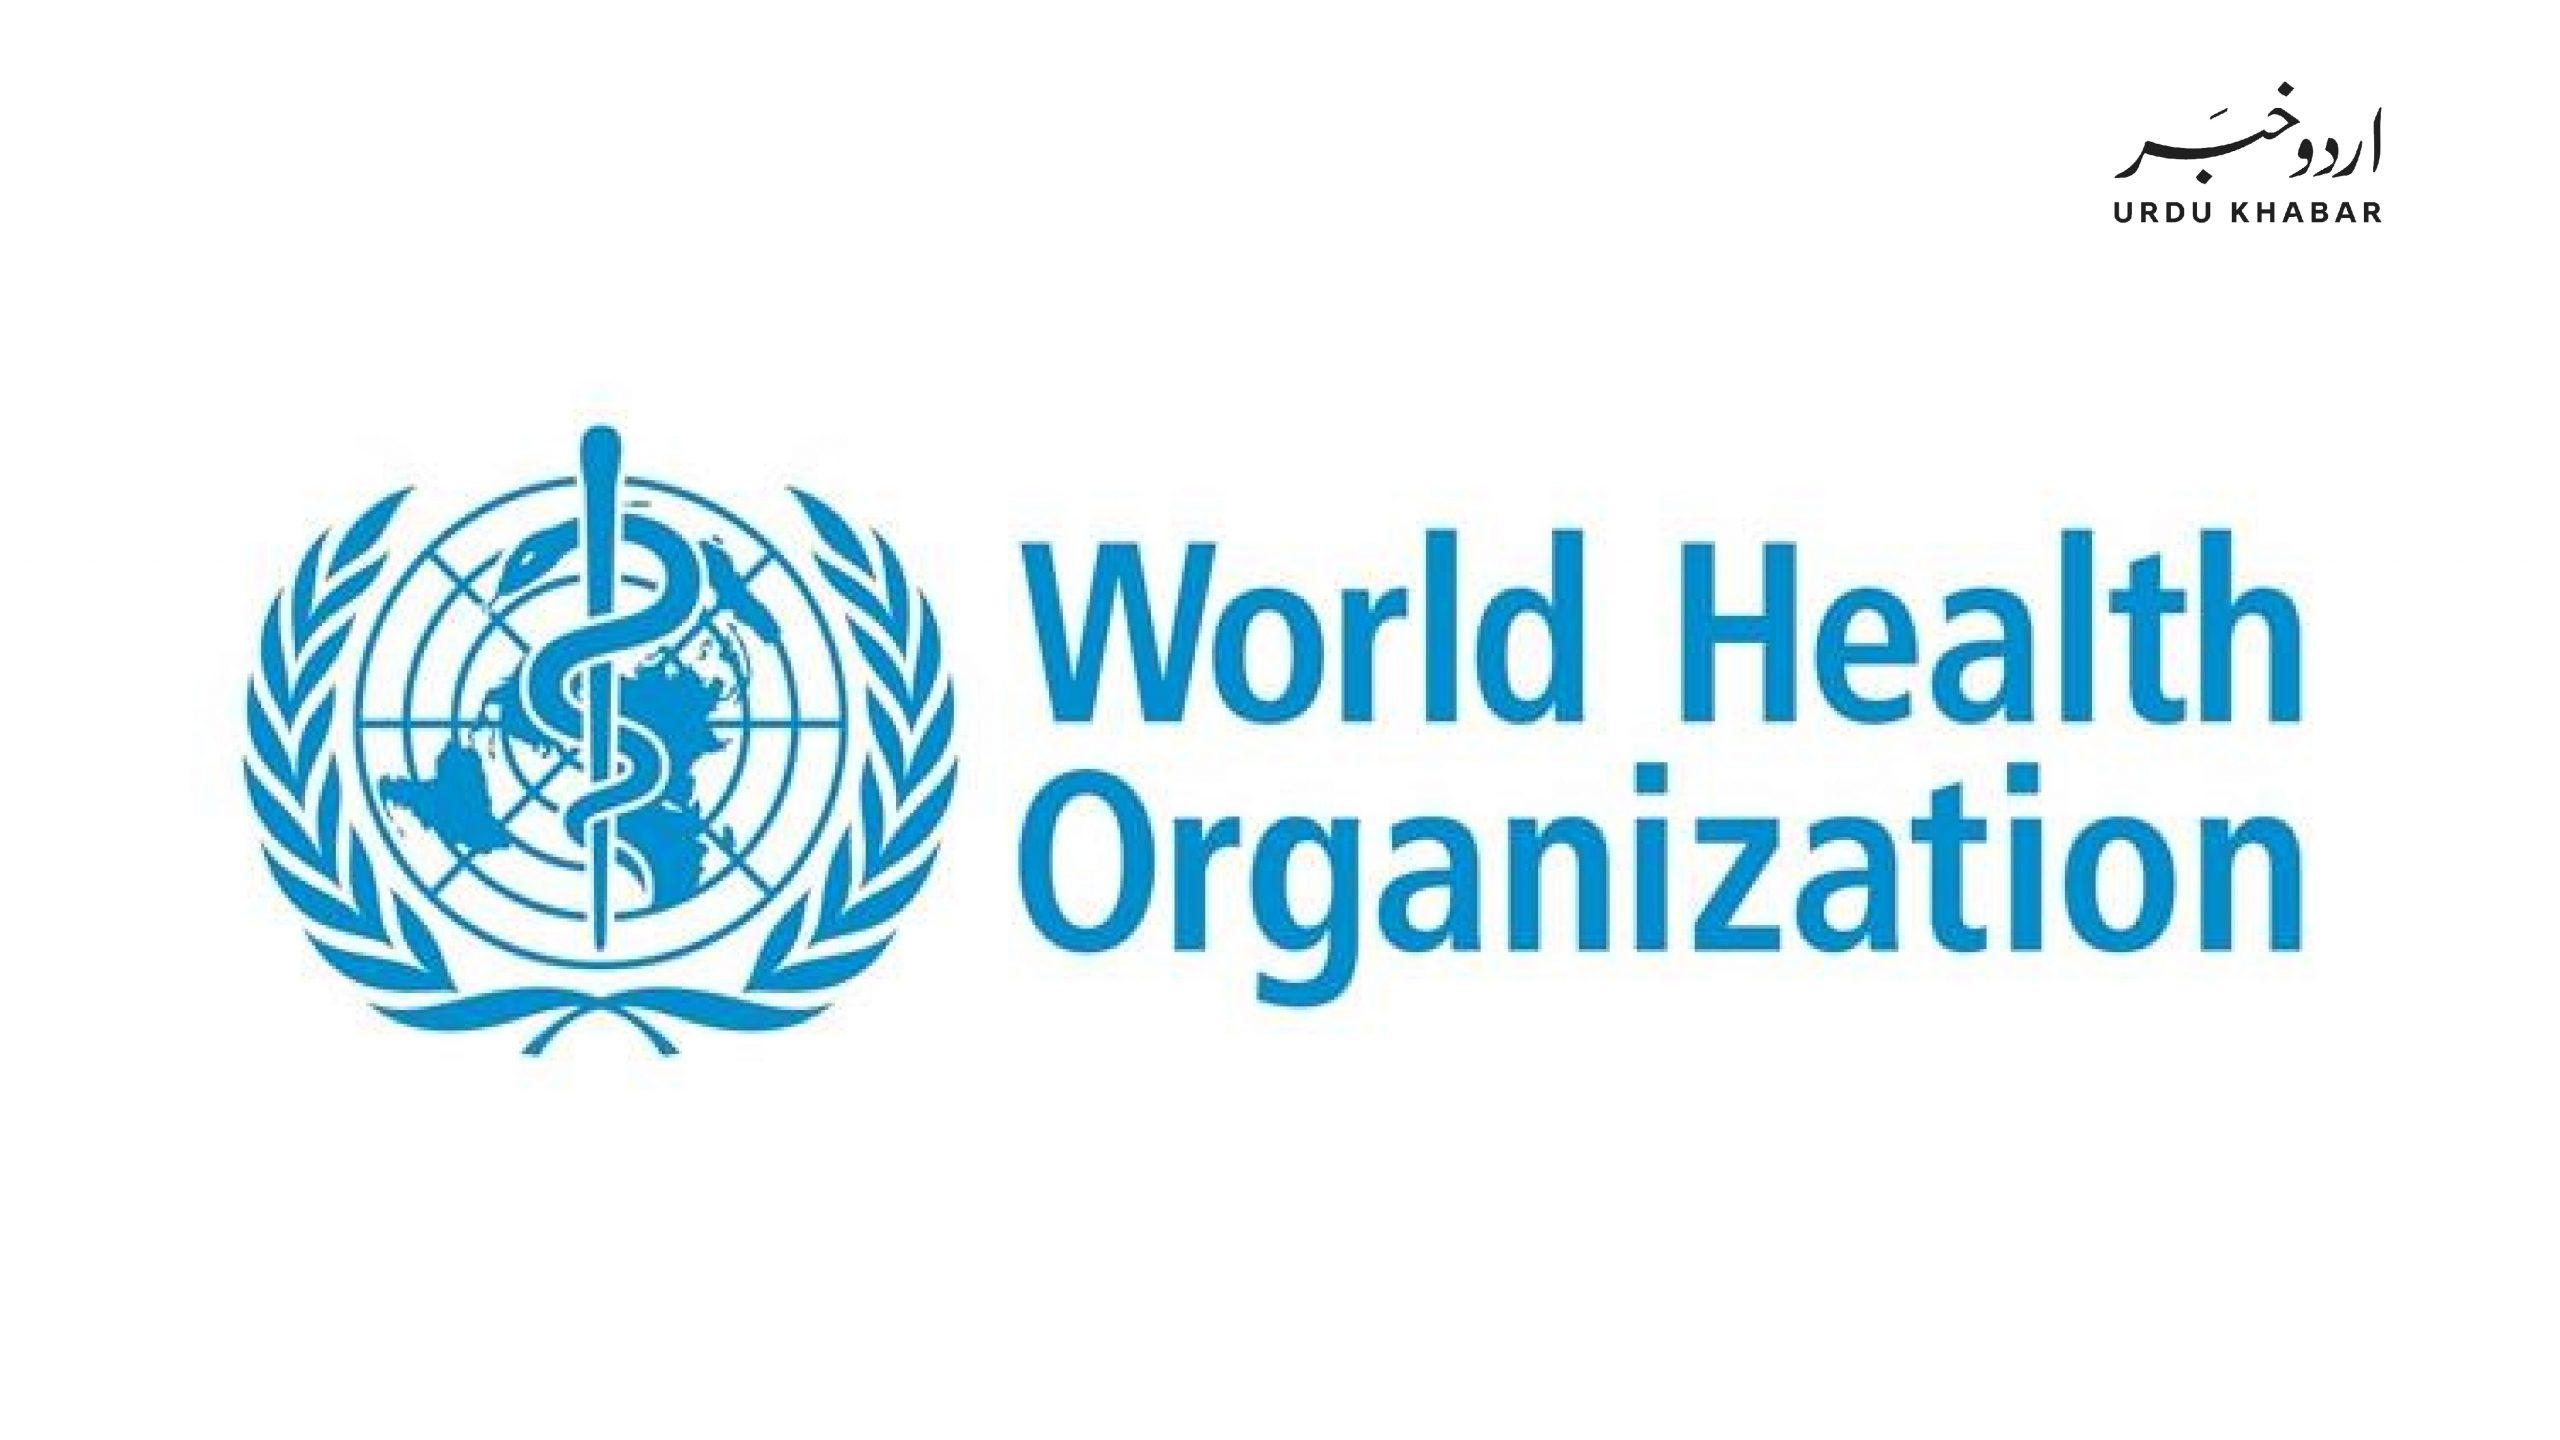 سندھ حکومت کا ورلڈ ہیلتھ آرگنائزیشن سے مستحق افراد کو فری ویکسن فراہم کرنے کے لئے رابطہ